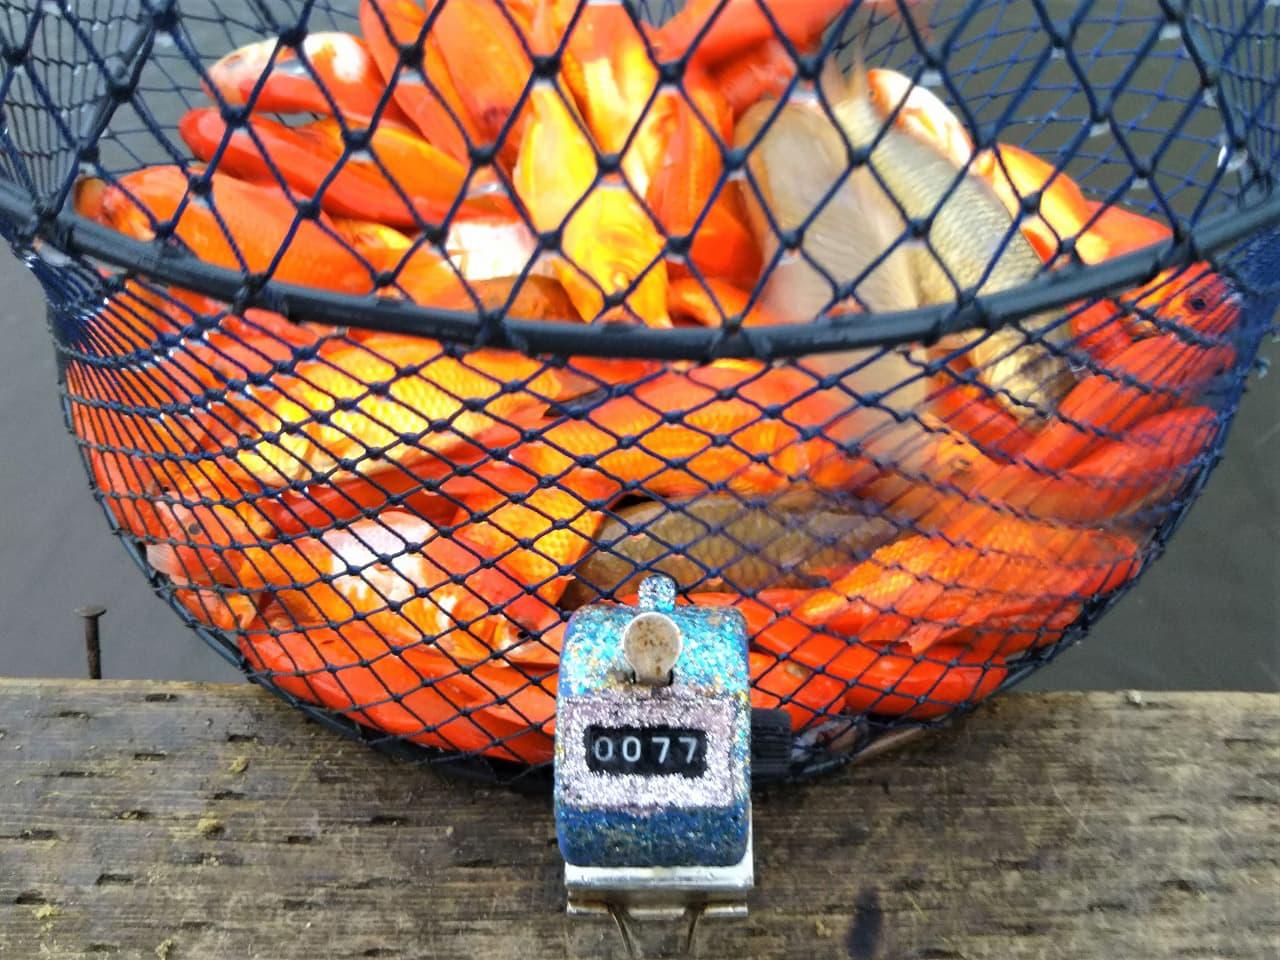 自宅生活をちょっと楽しく:数釣りの味方『デコカウンター』を自作しよう